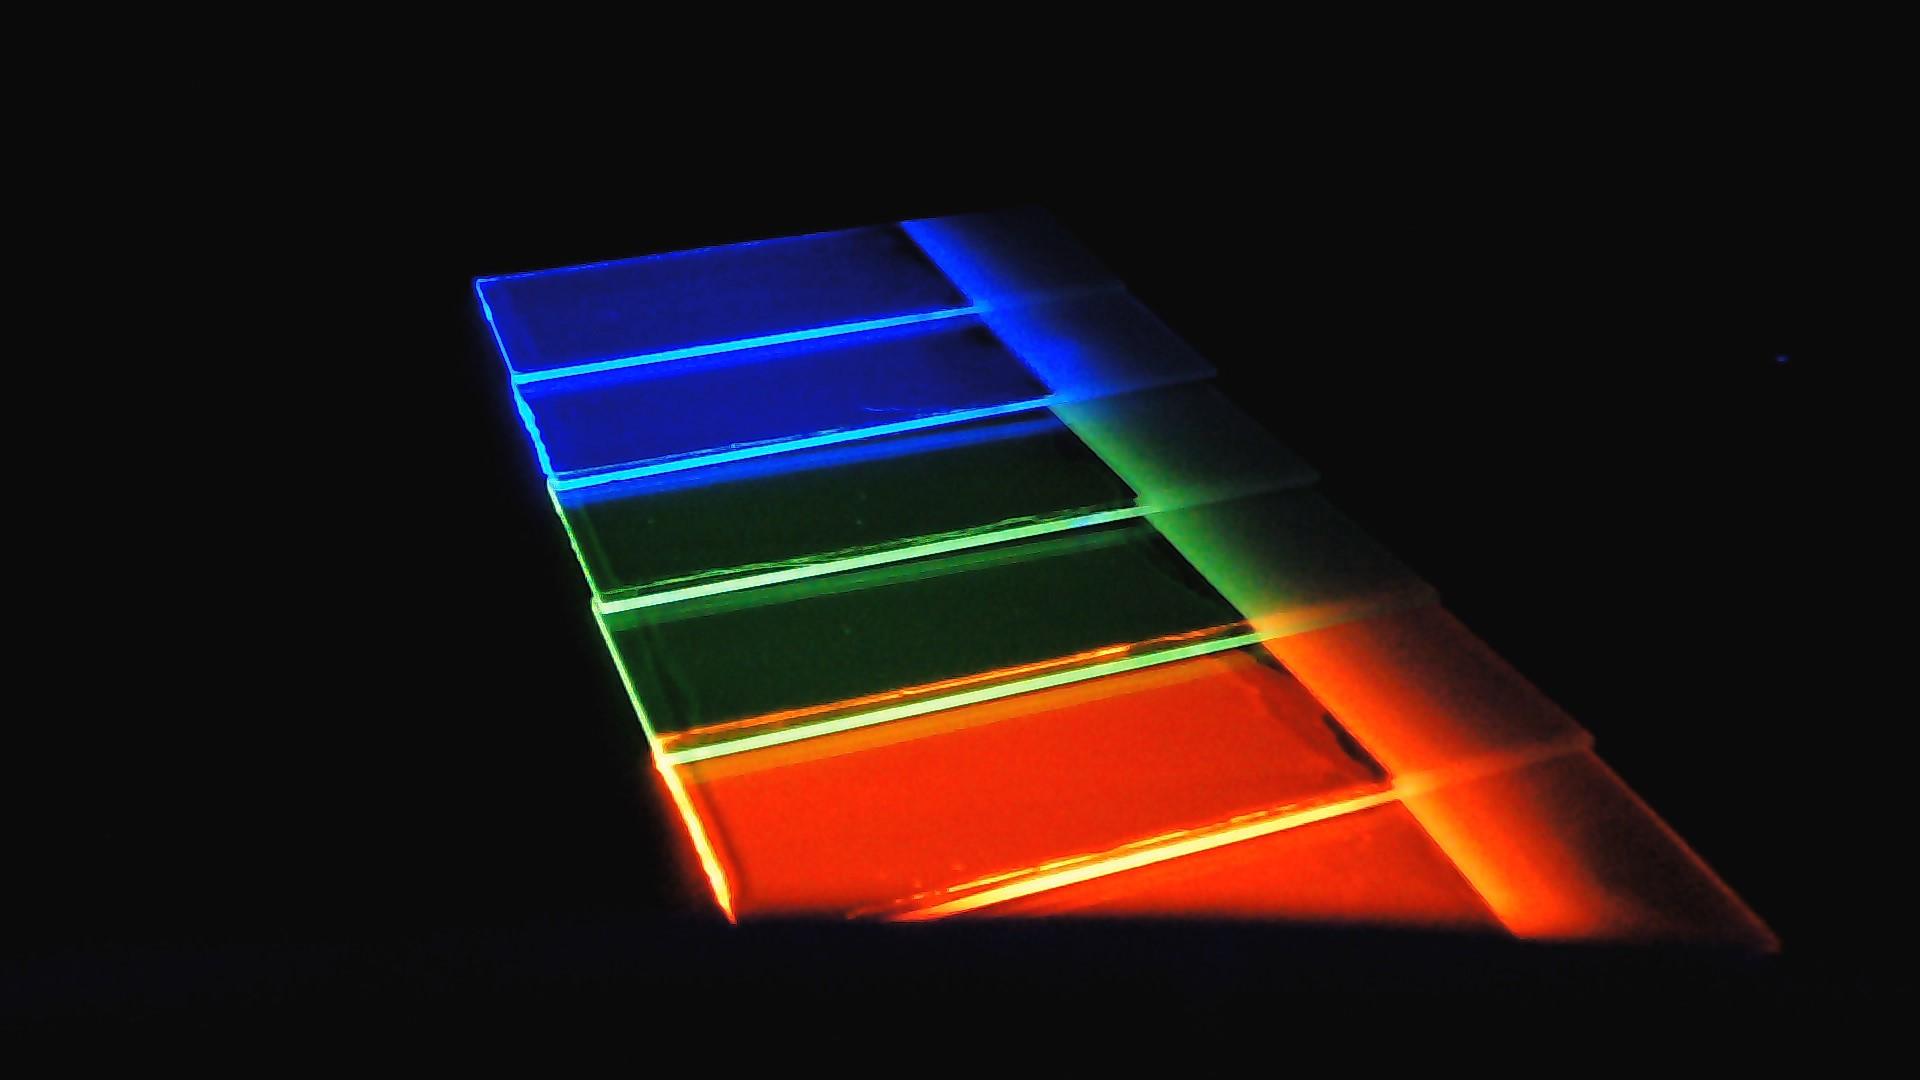 Funktionelle Farbstoffe auf Glas unter UV - Licht – farbig lumineszierend